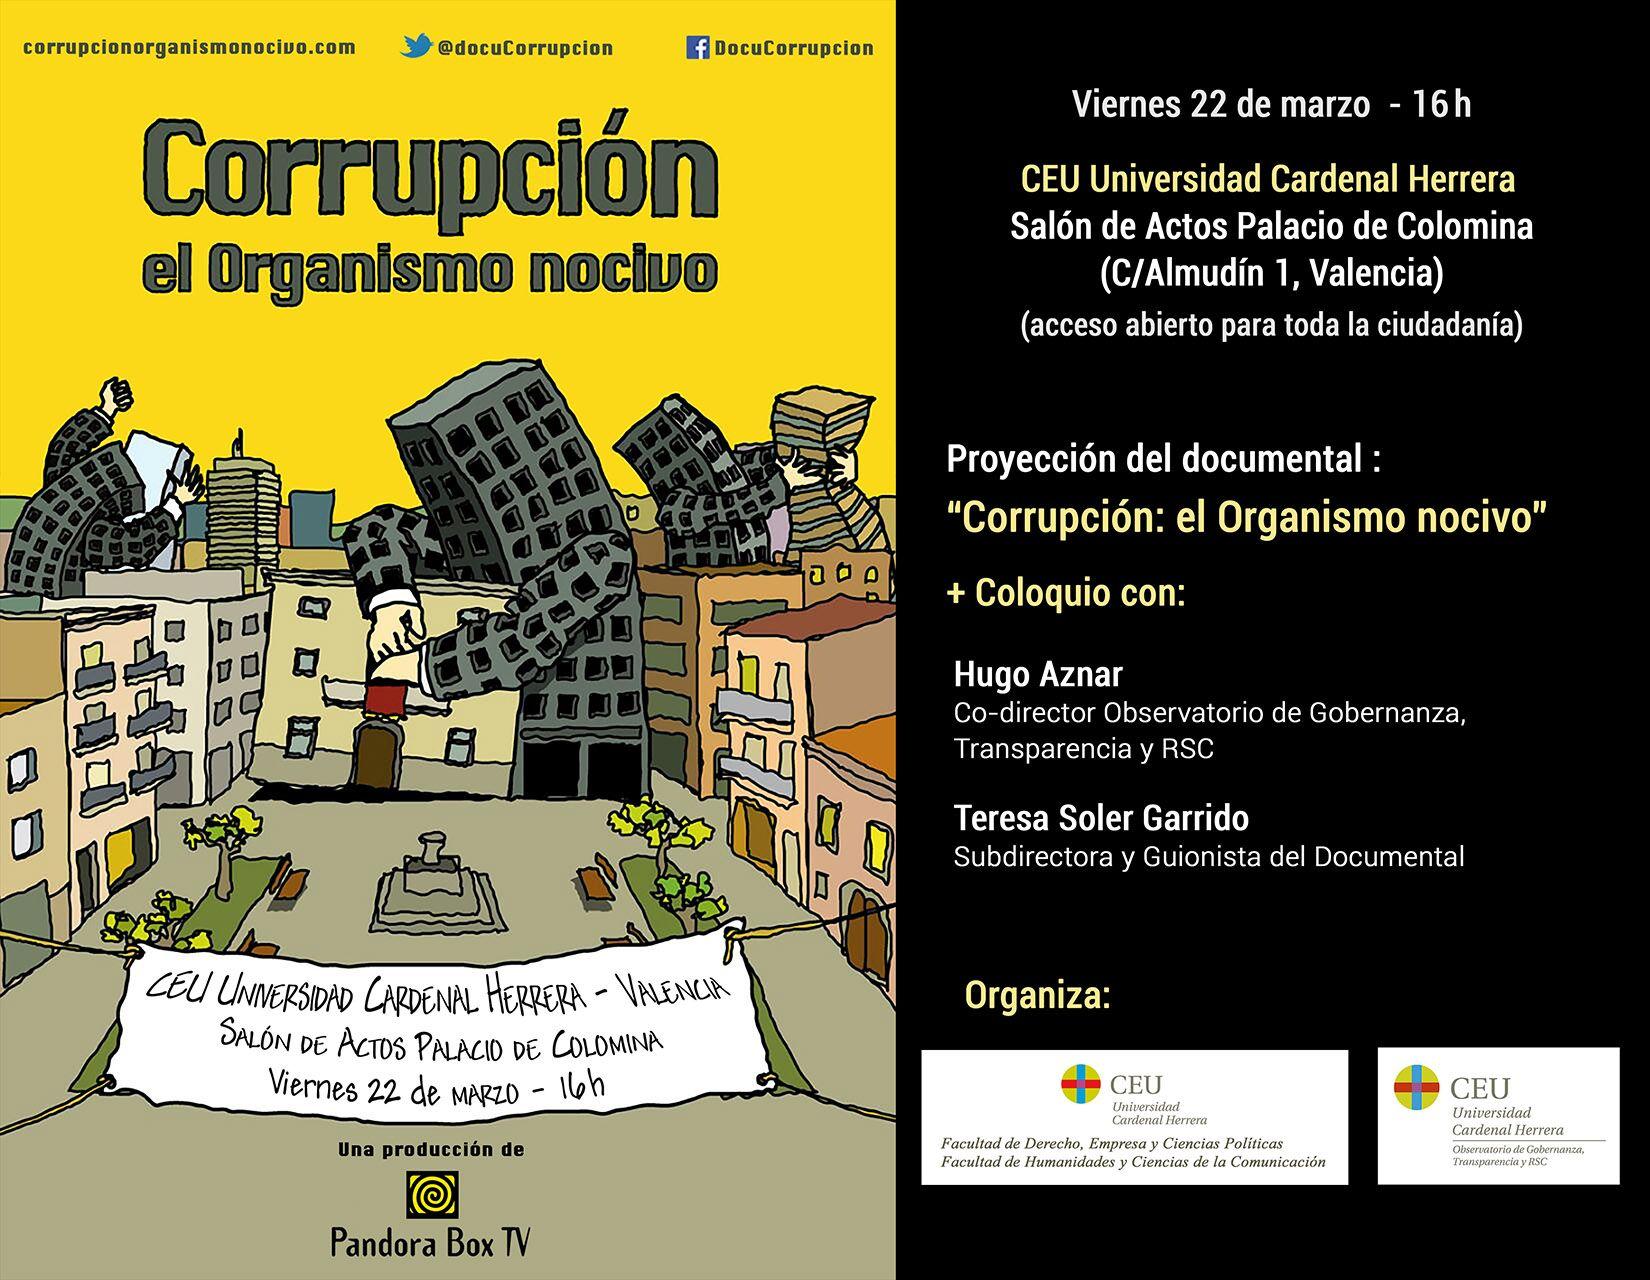 Cartel corrupción